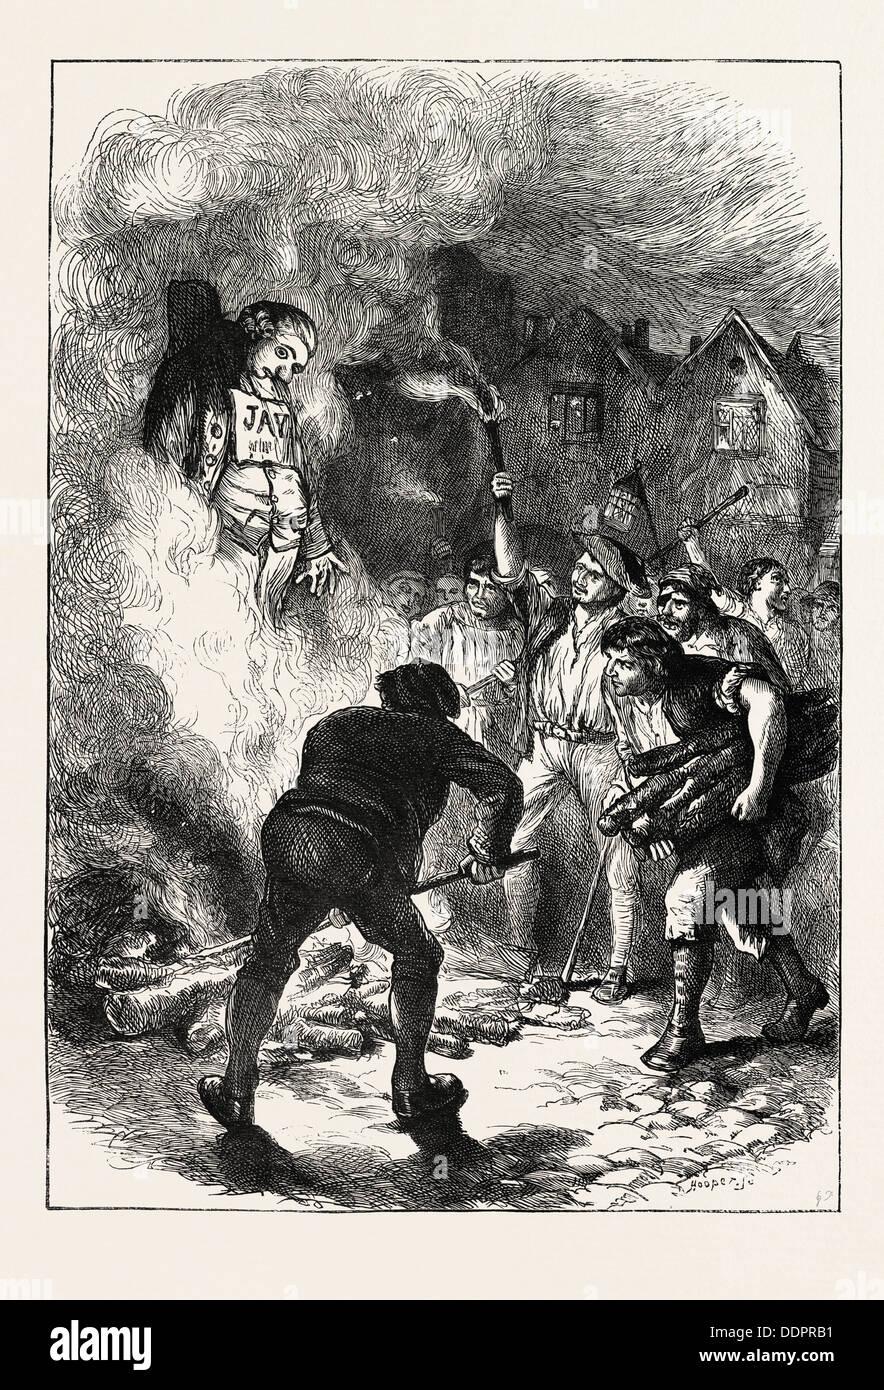 BURNING JOHN JAY'S EFFIGY, US, USA, 1870s engraving - Stock Image